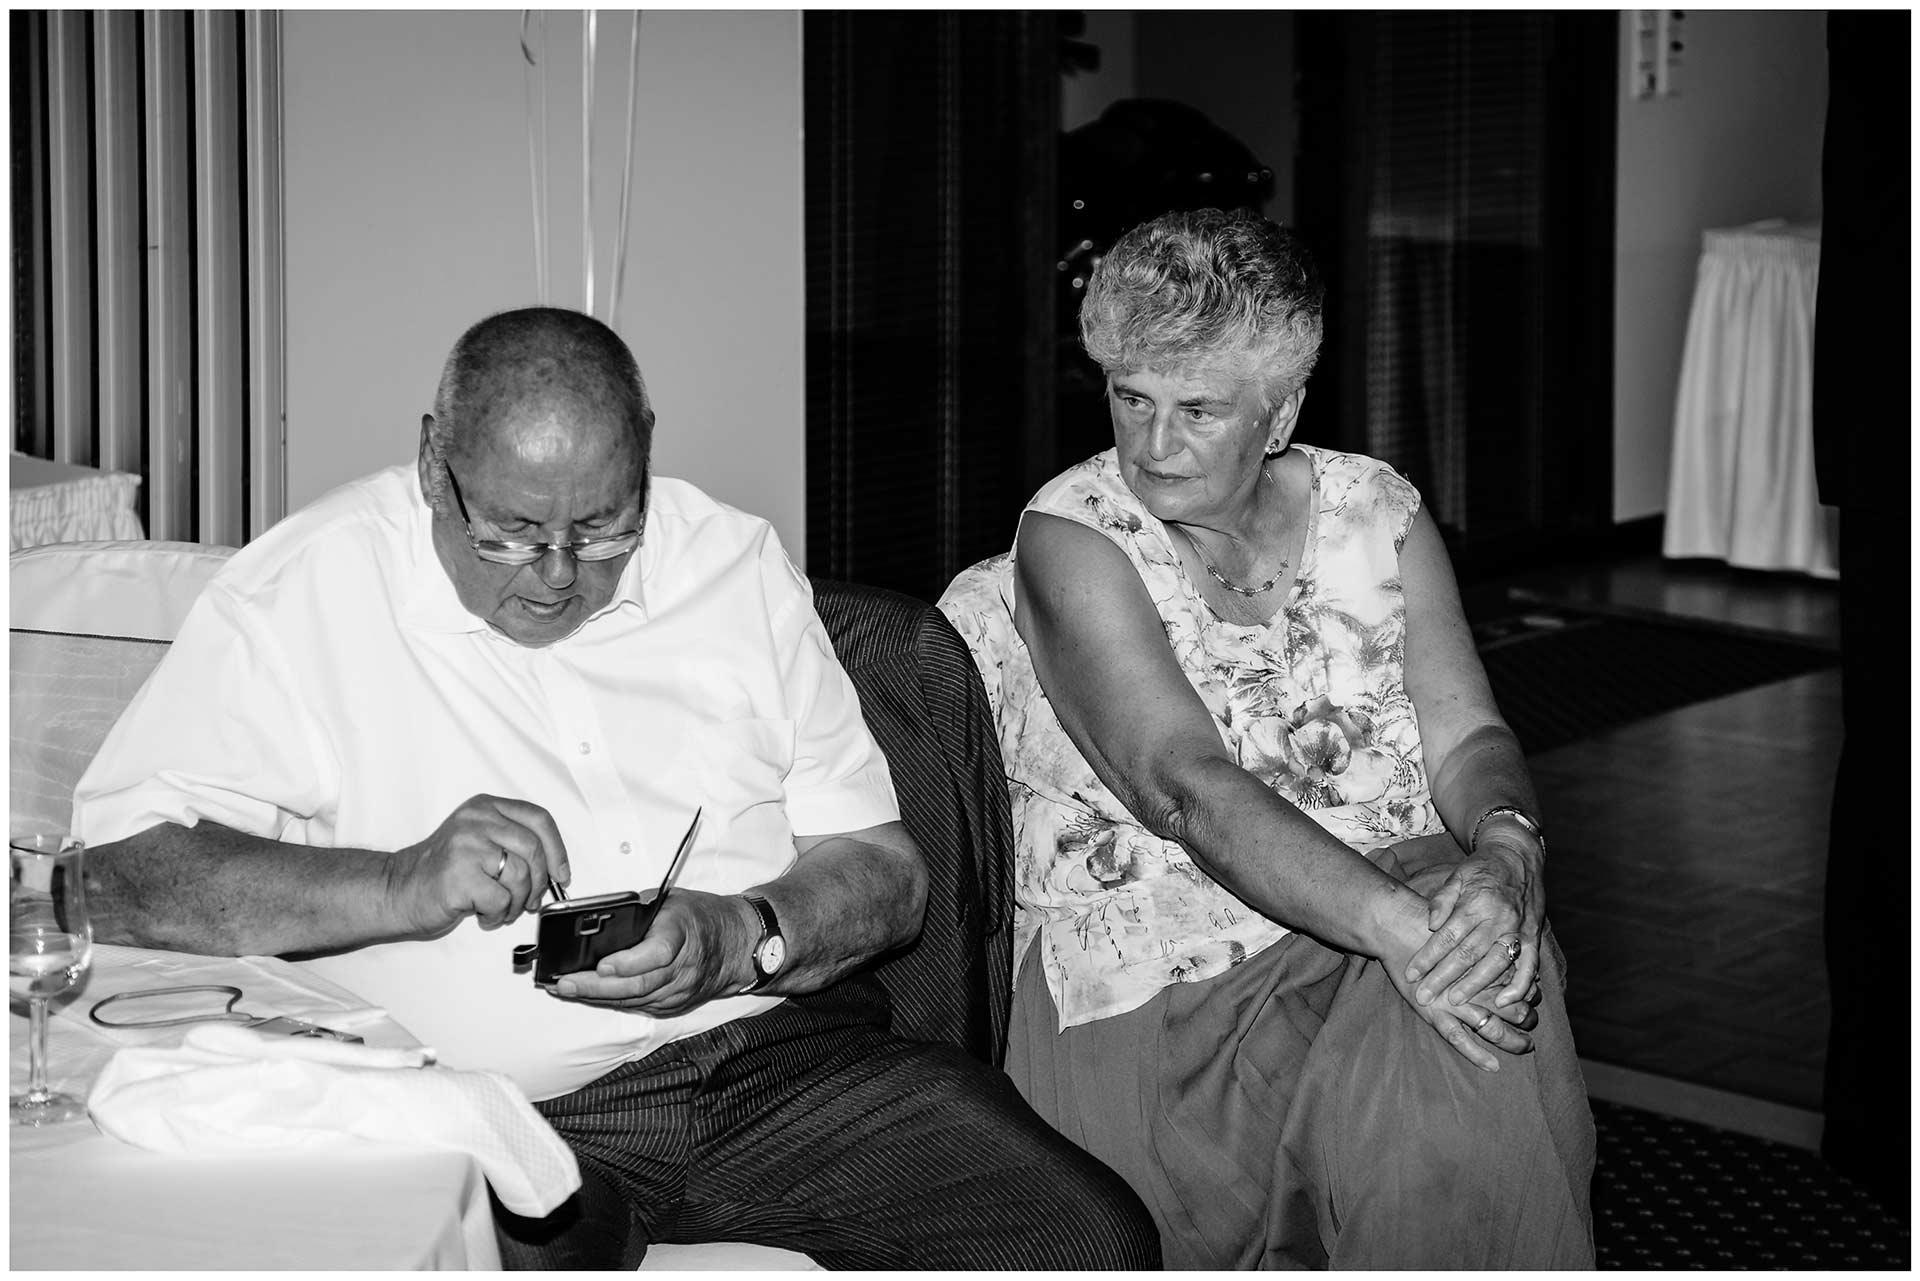 Hochzeitsgast-schaut-auf-sein-Handy-und-wird-von-seiner-Frau-dabei-beobachtet-Hochzeit-im-Hotel-Neptun-Hochzeitsfotograf-Warnemuende-Hochzeitsfotograf-Rostock-Hochzeitsfotograf-Ostseebad-Warnemuende